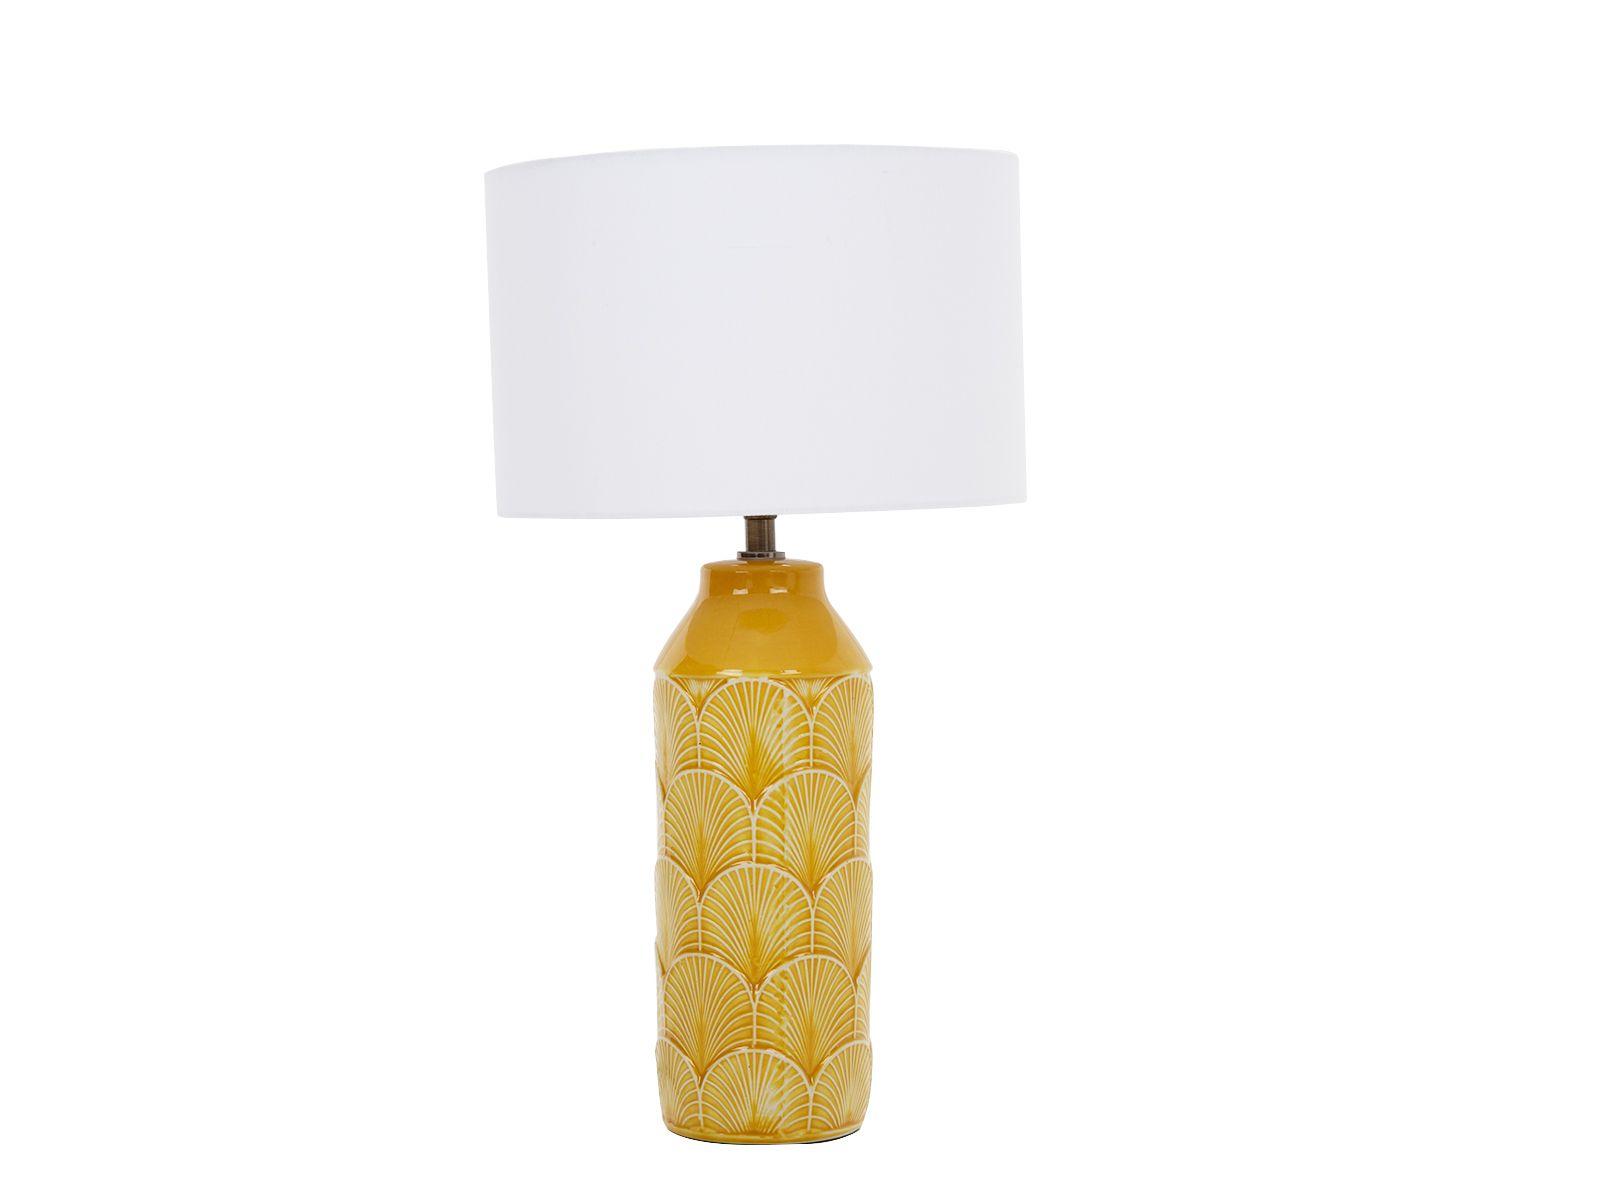 Lamp Embossed Mustard Ceramic Table Lamp